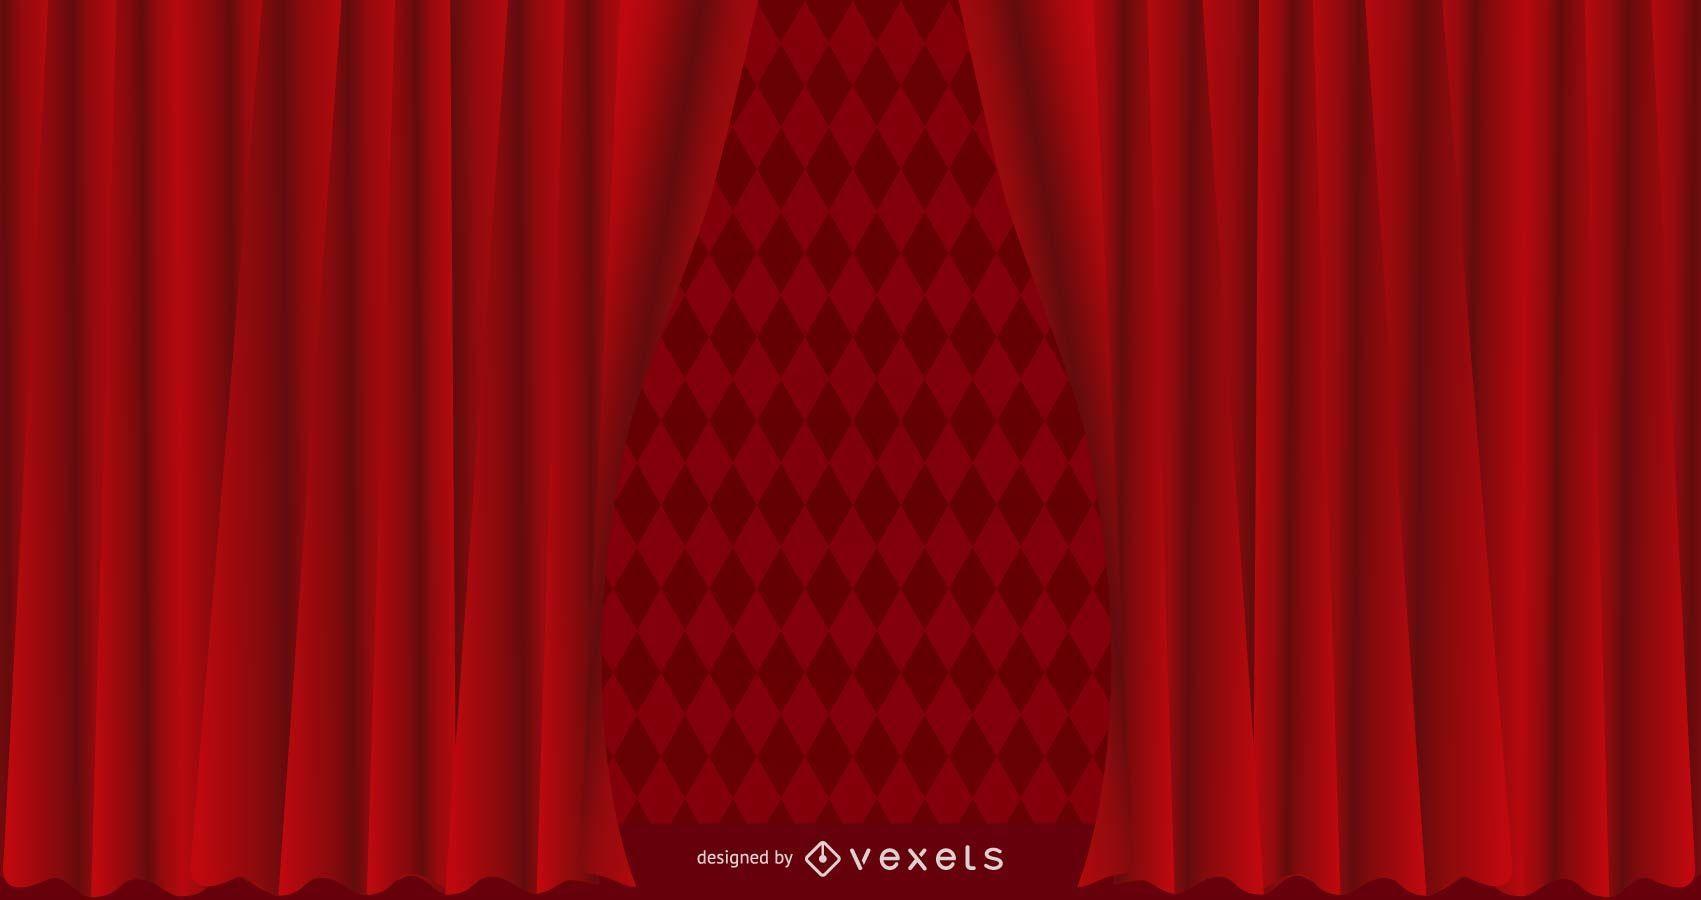 Fundo de cortina com textura vermelha